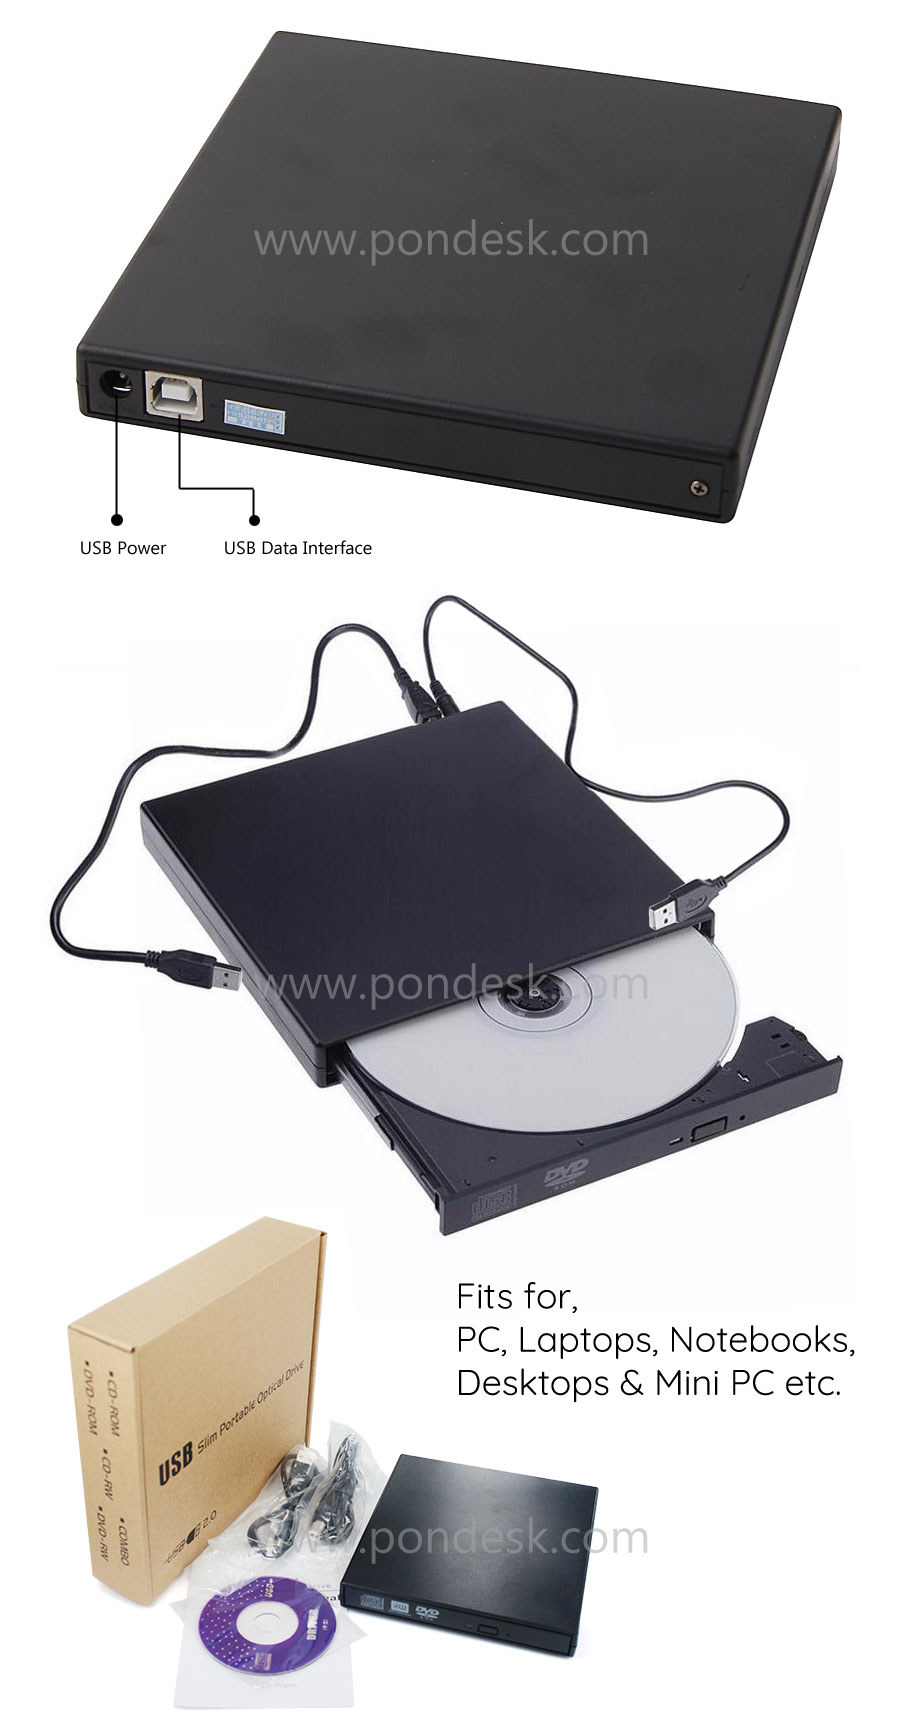 External Portable USB2.0 DVD Combo Player CD-RW Burner Drive - ODHO-001 | Image